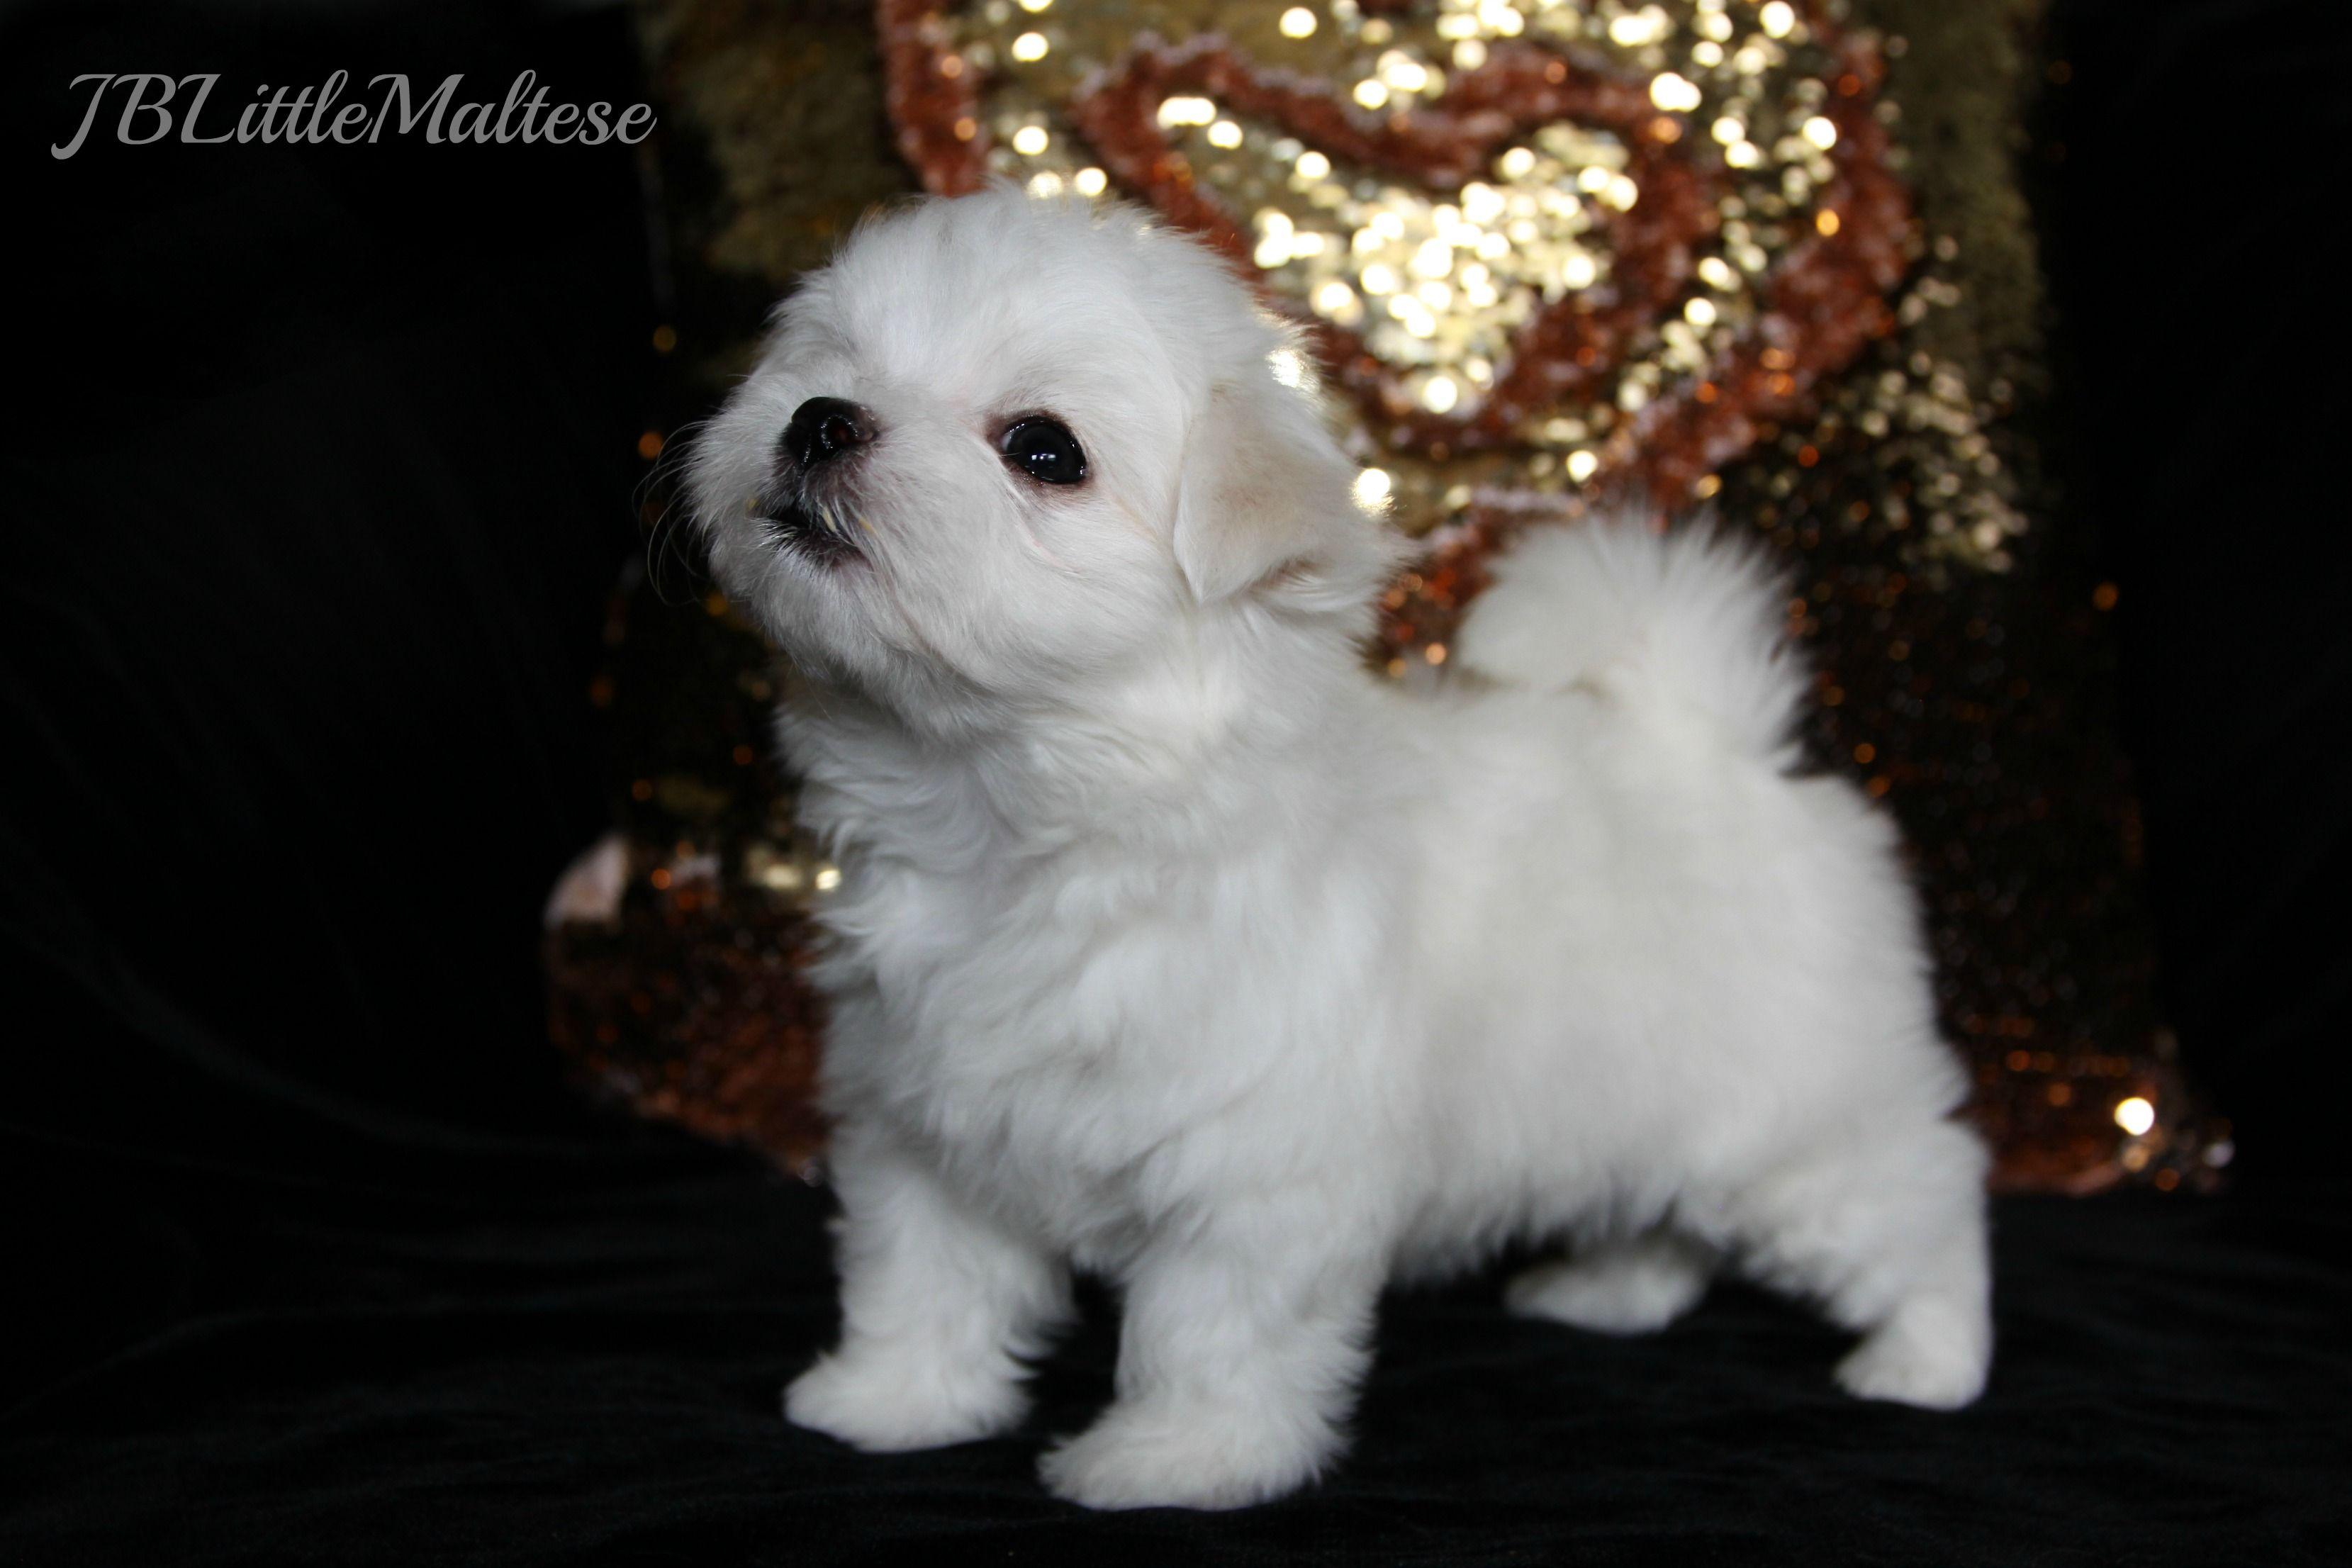 Maltese Puppy Of Jblittlemaltese Reg D Purebred Canadian